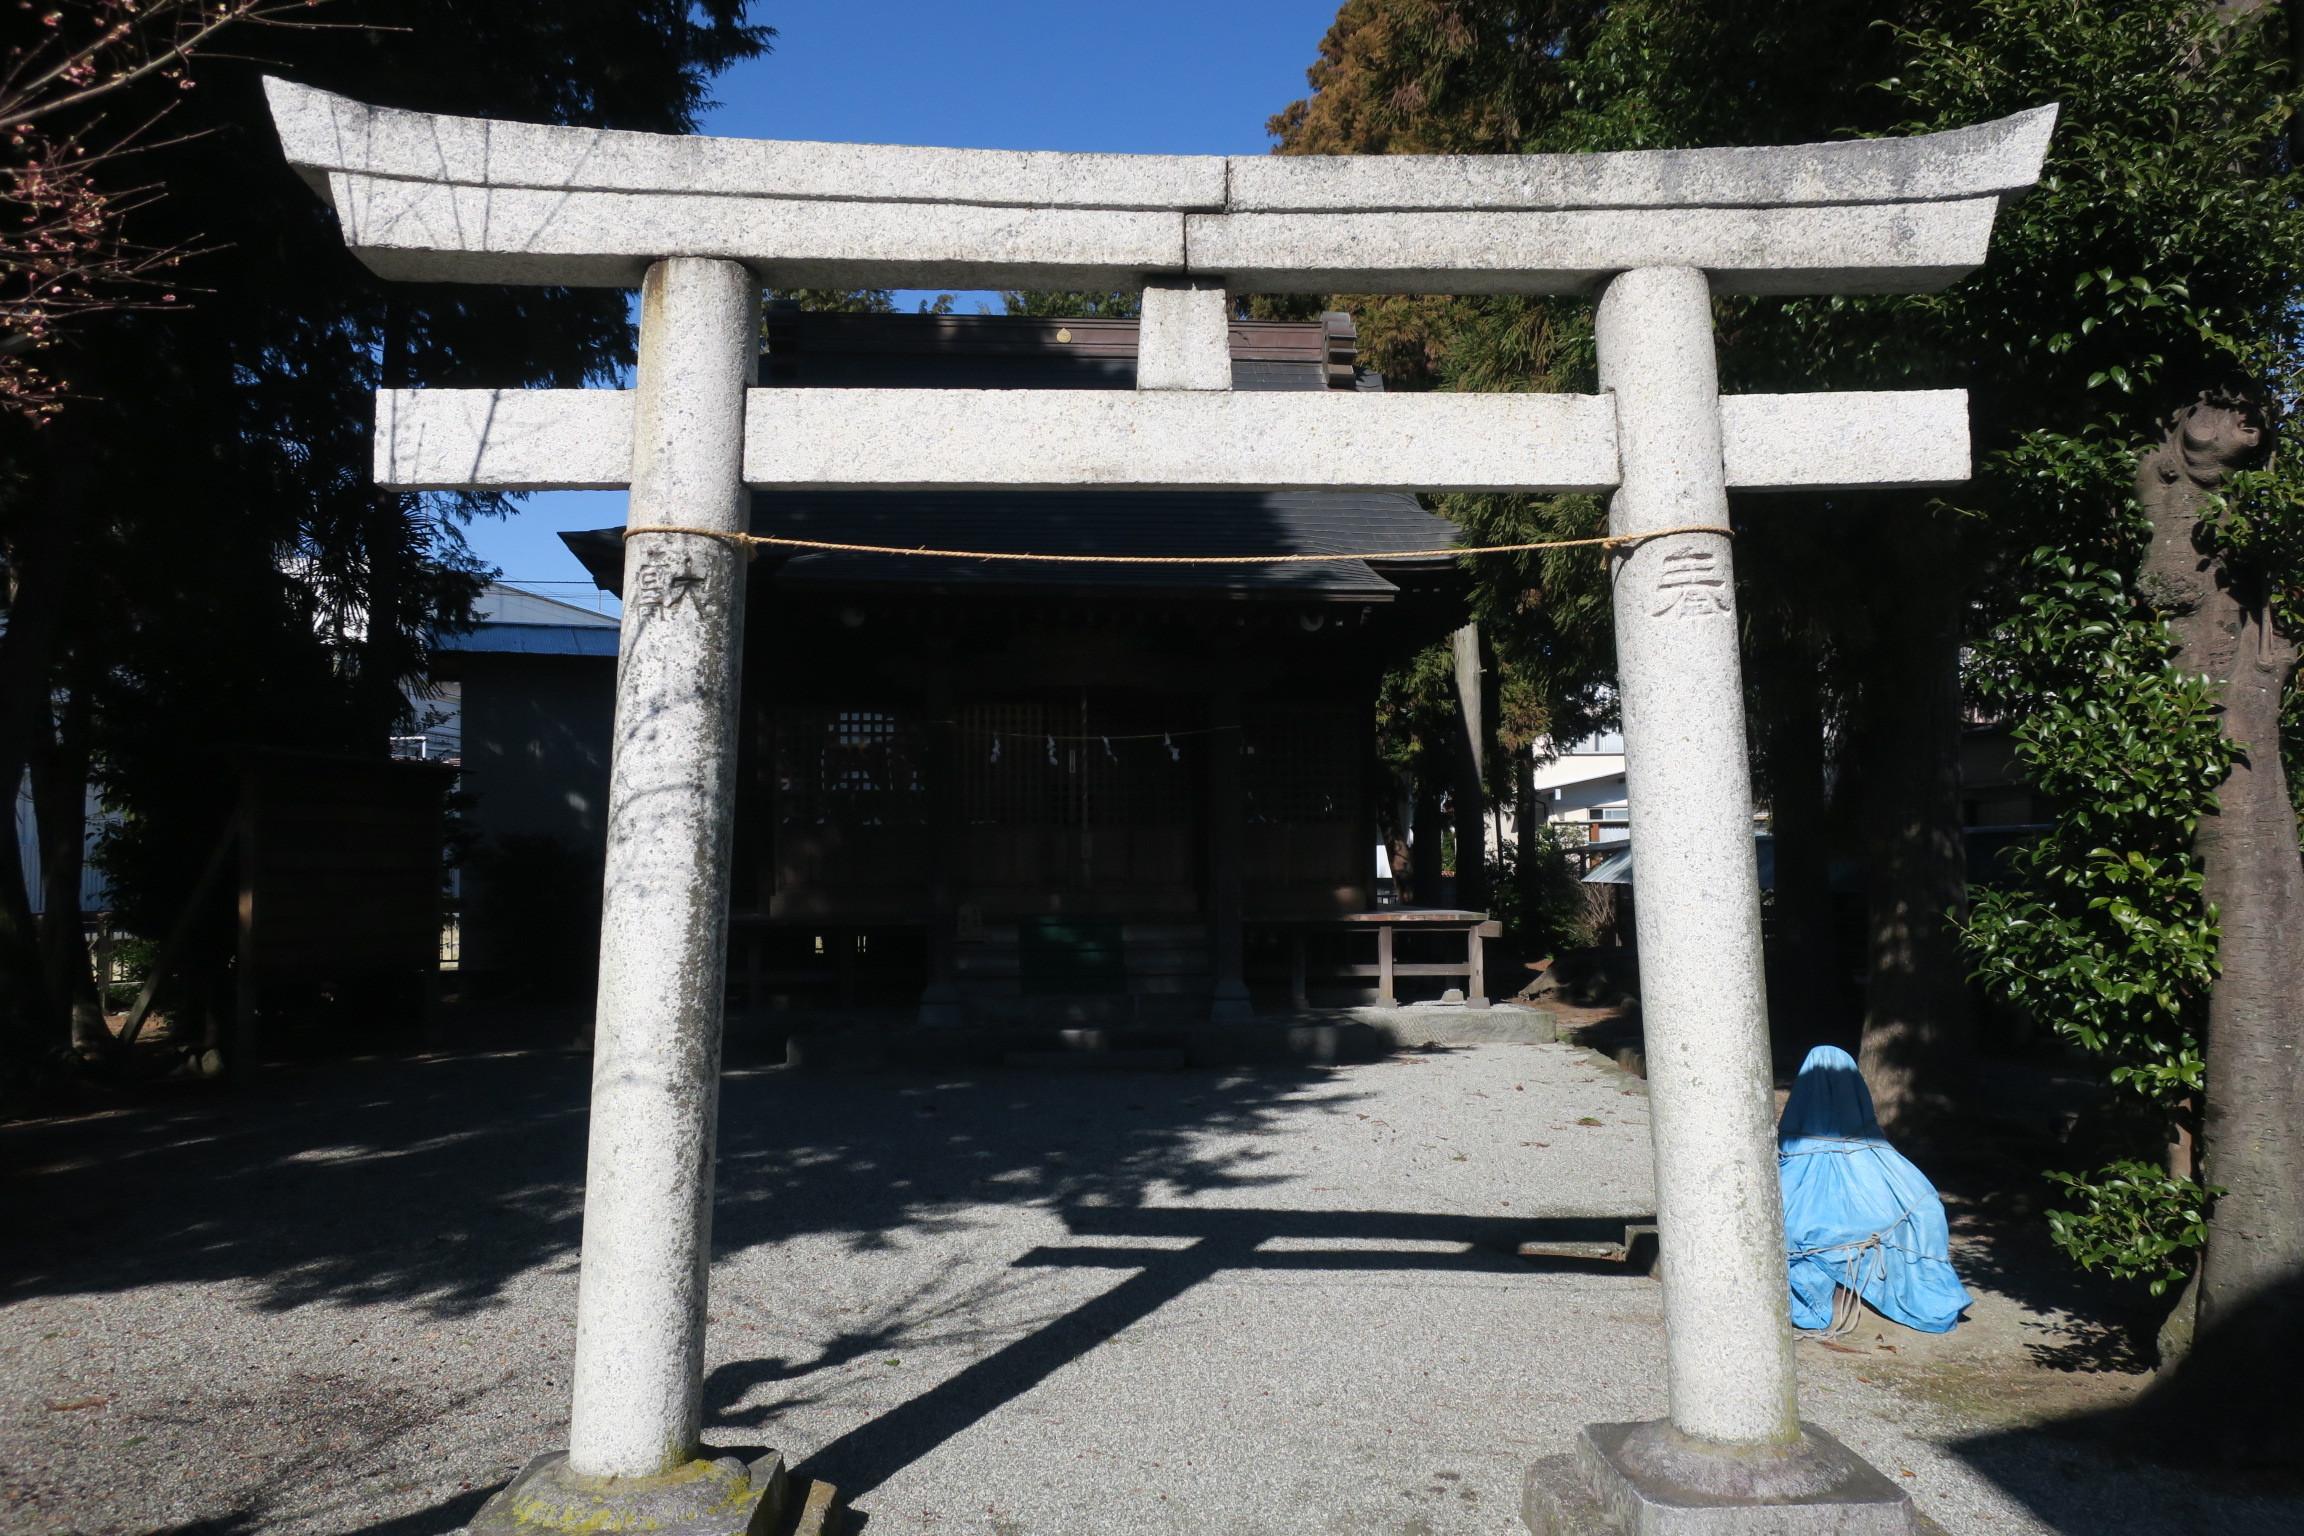 神社仏閣16「五社稲荷神社」小田急小田原線富水付近6